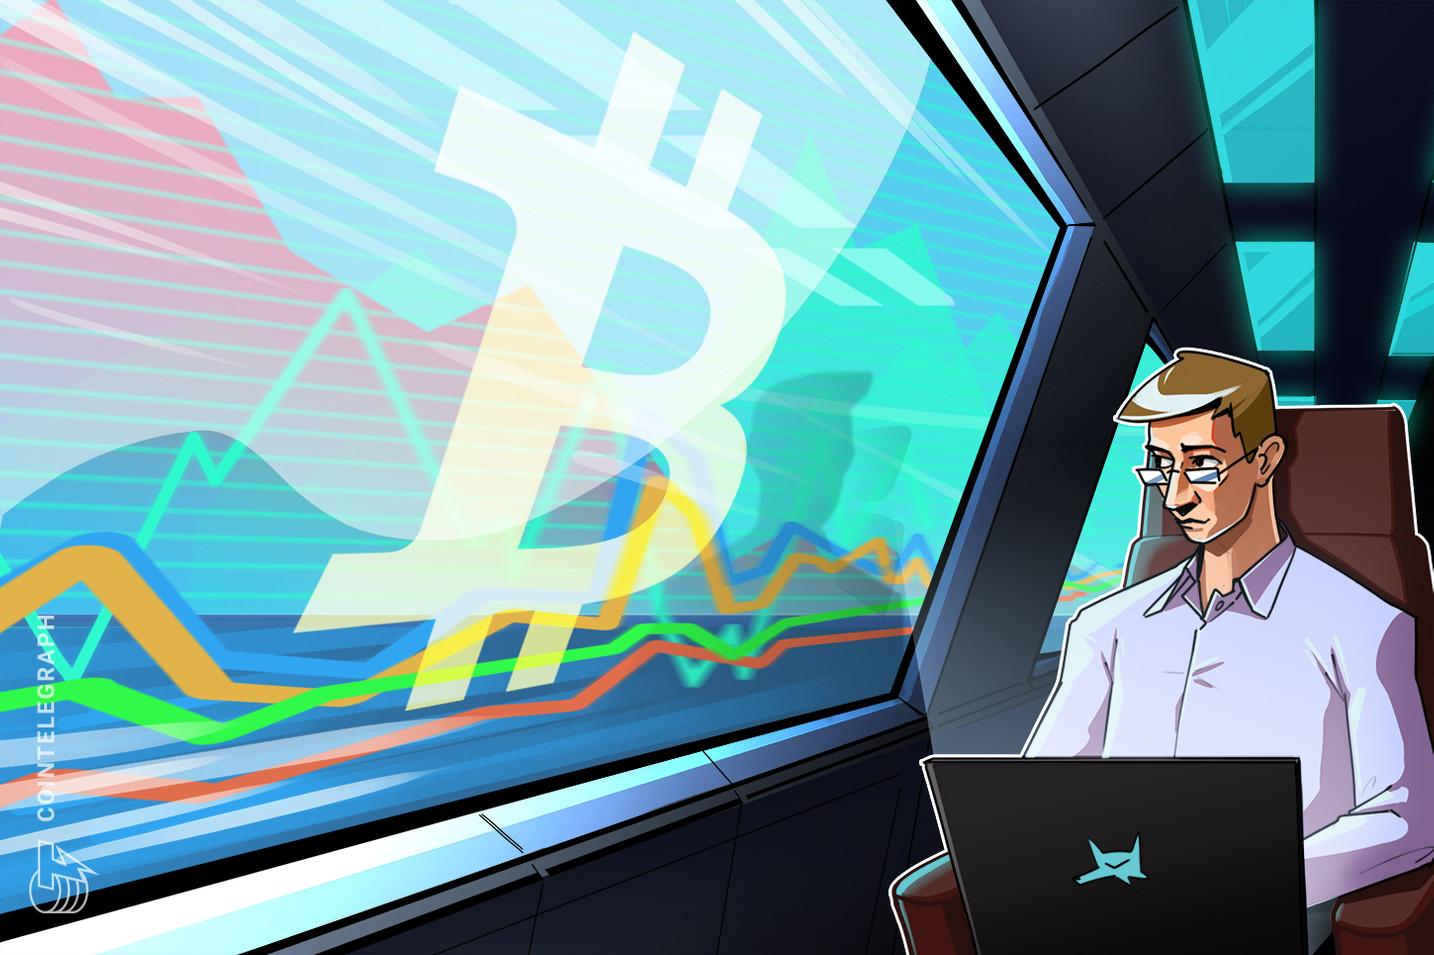 トレーダーはビットコインが5万ドルに下落する中で、市場をどう見ているのか